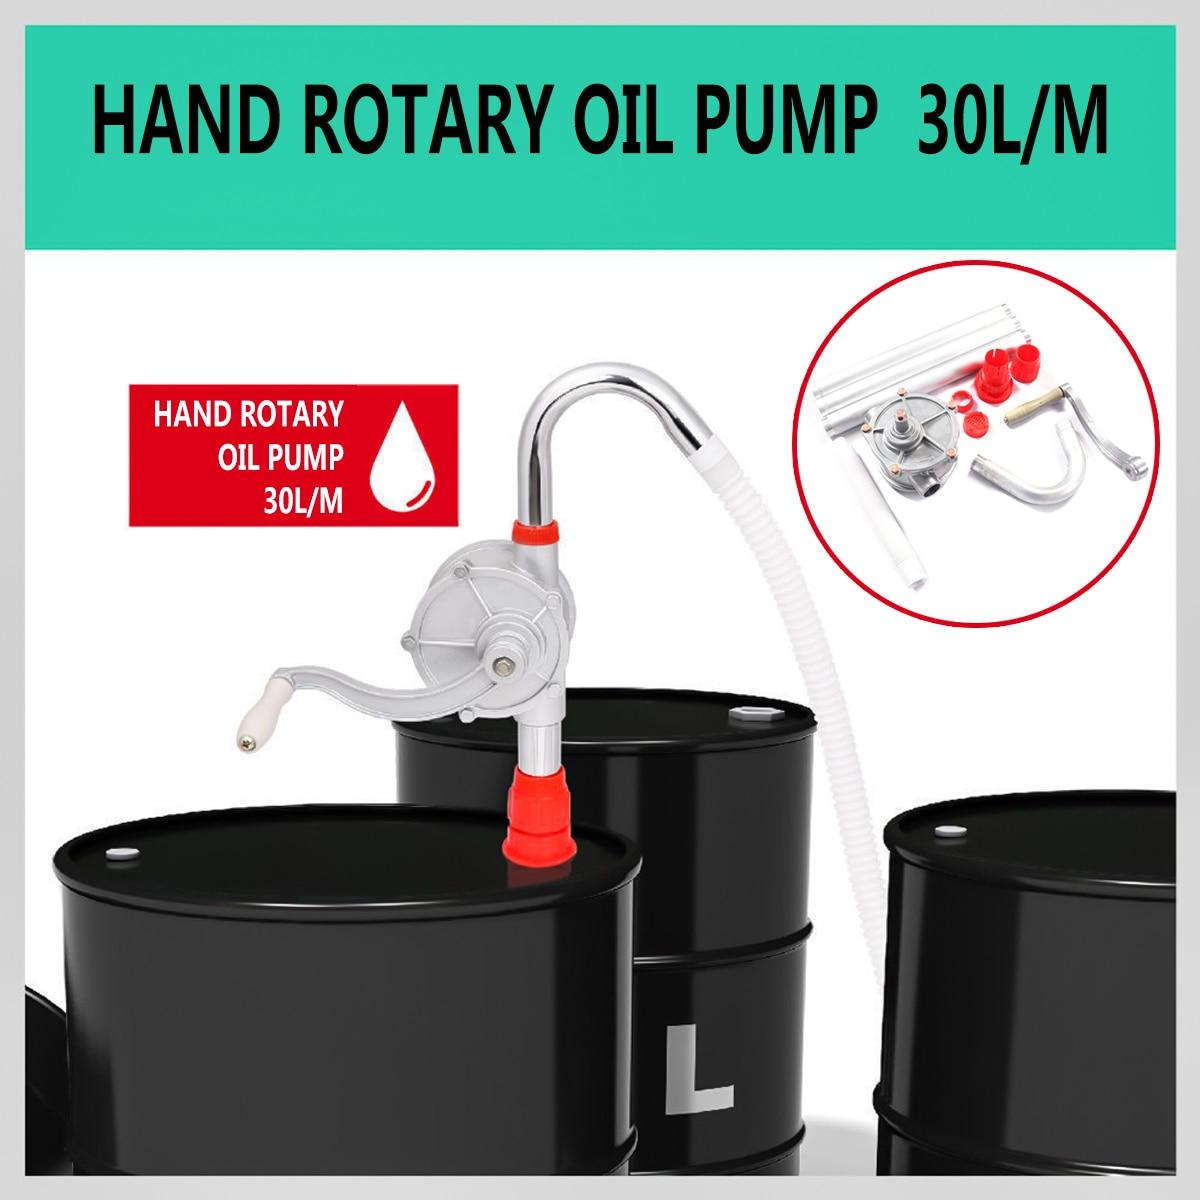 30L/M pompe de transfert de mazout à main extérieure Auto voiture gaz eau aspiration rotative pompes à main manivelle baril tambour pompage essence